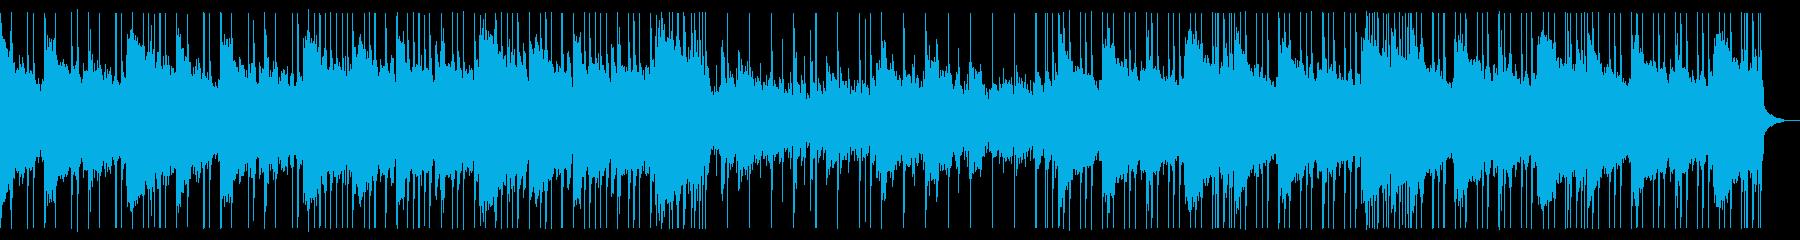 RPGに最適な自然を思わせるポストロックの再生済みの波形